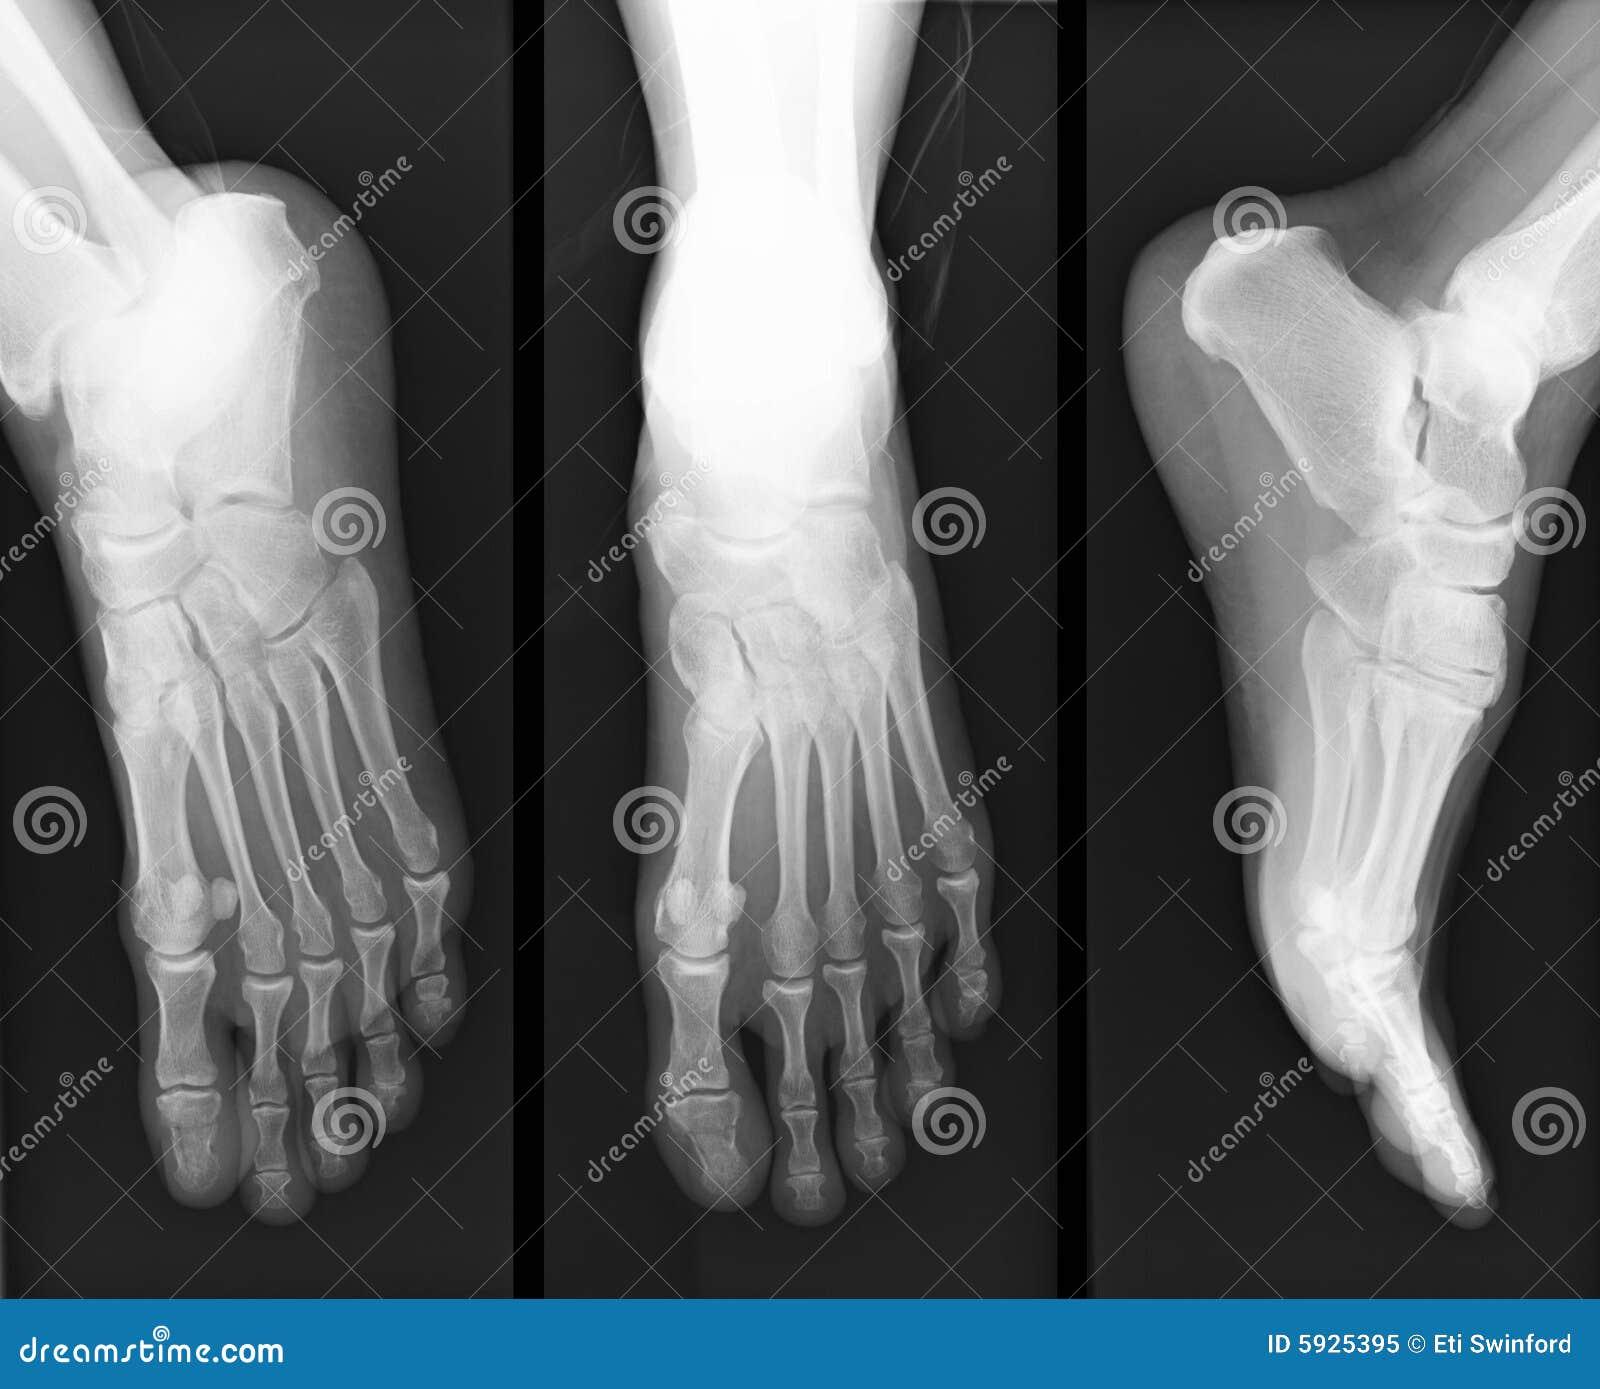 Radiografía del pie